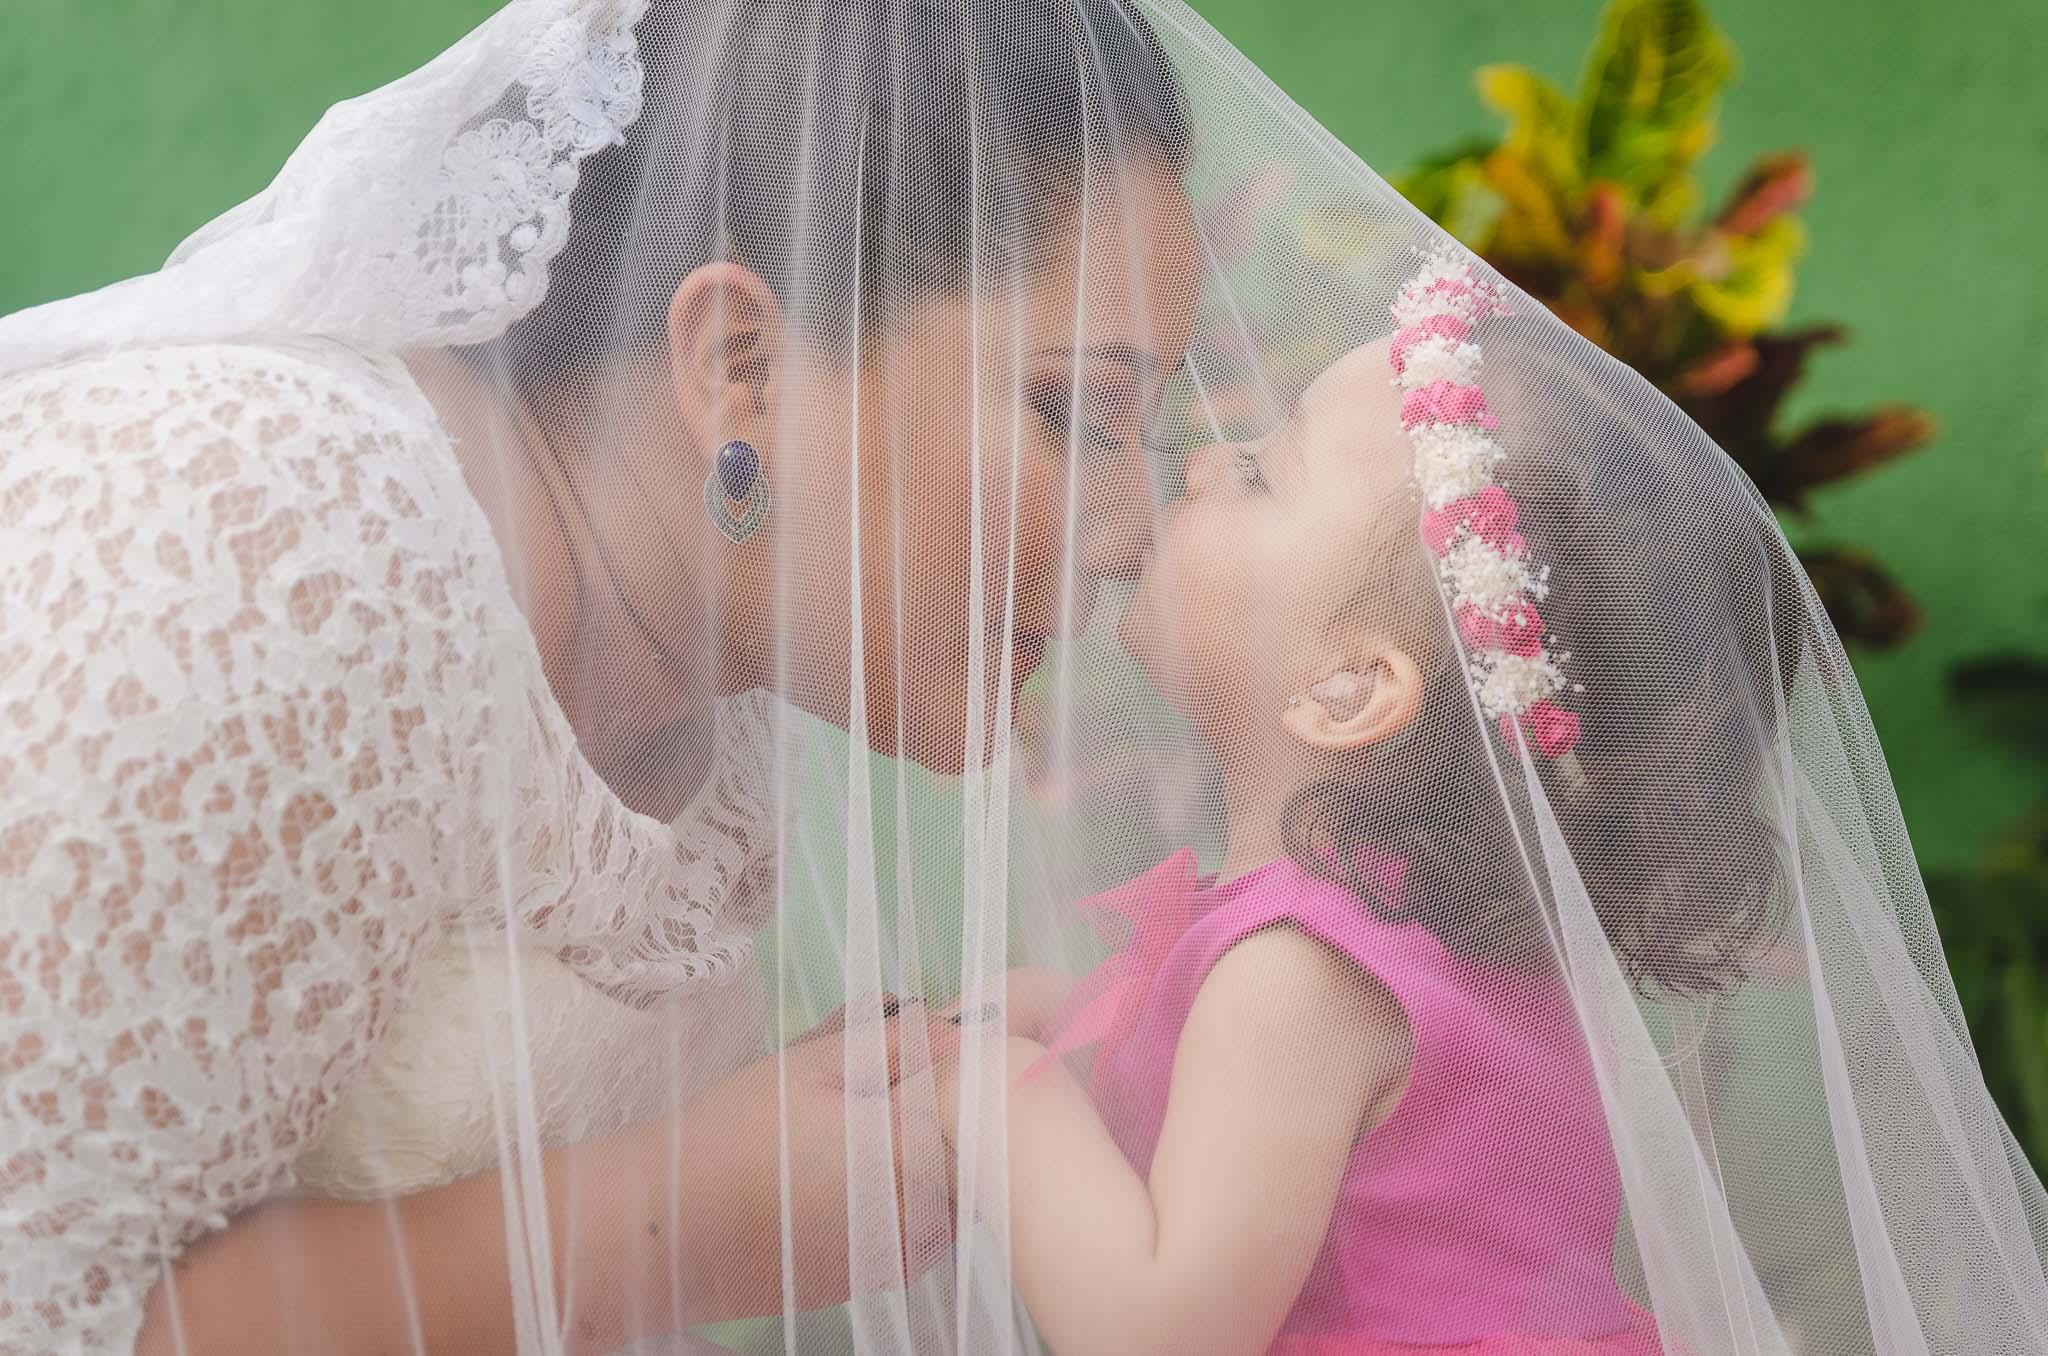 Wedding-Luis-Capuchinas-Ciudad-bodas-juan-salazar-fotografo-Guatemala-juansalazarphoto-fotografo_de_bodas-fotografía